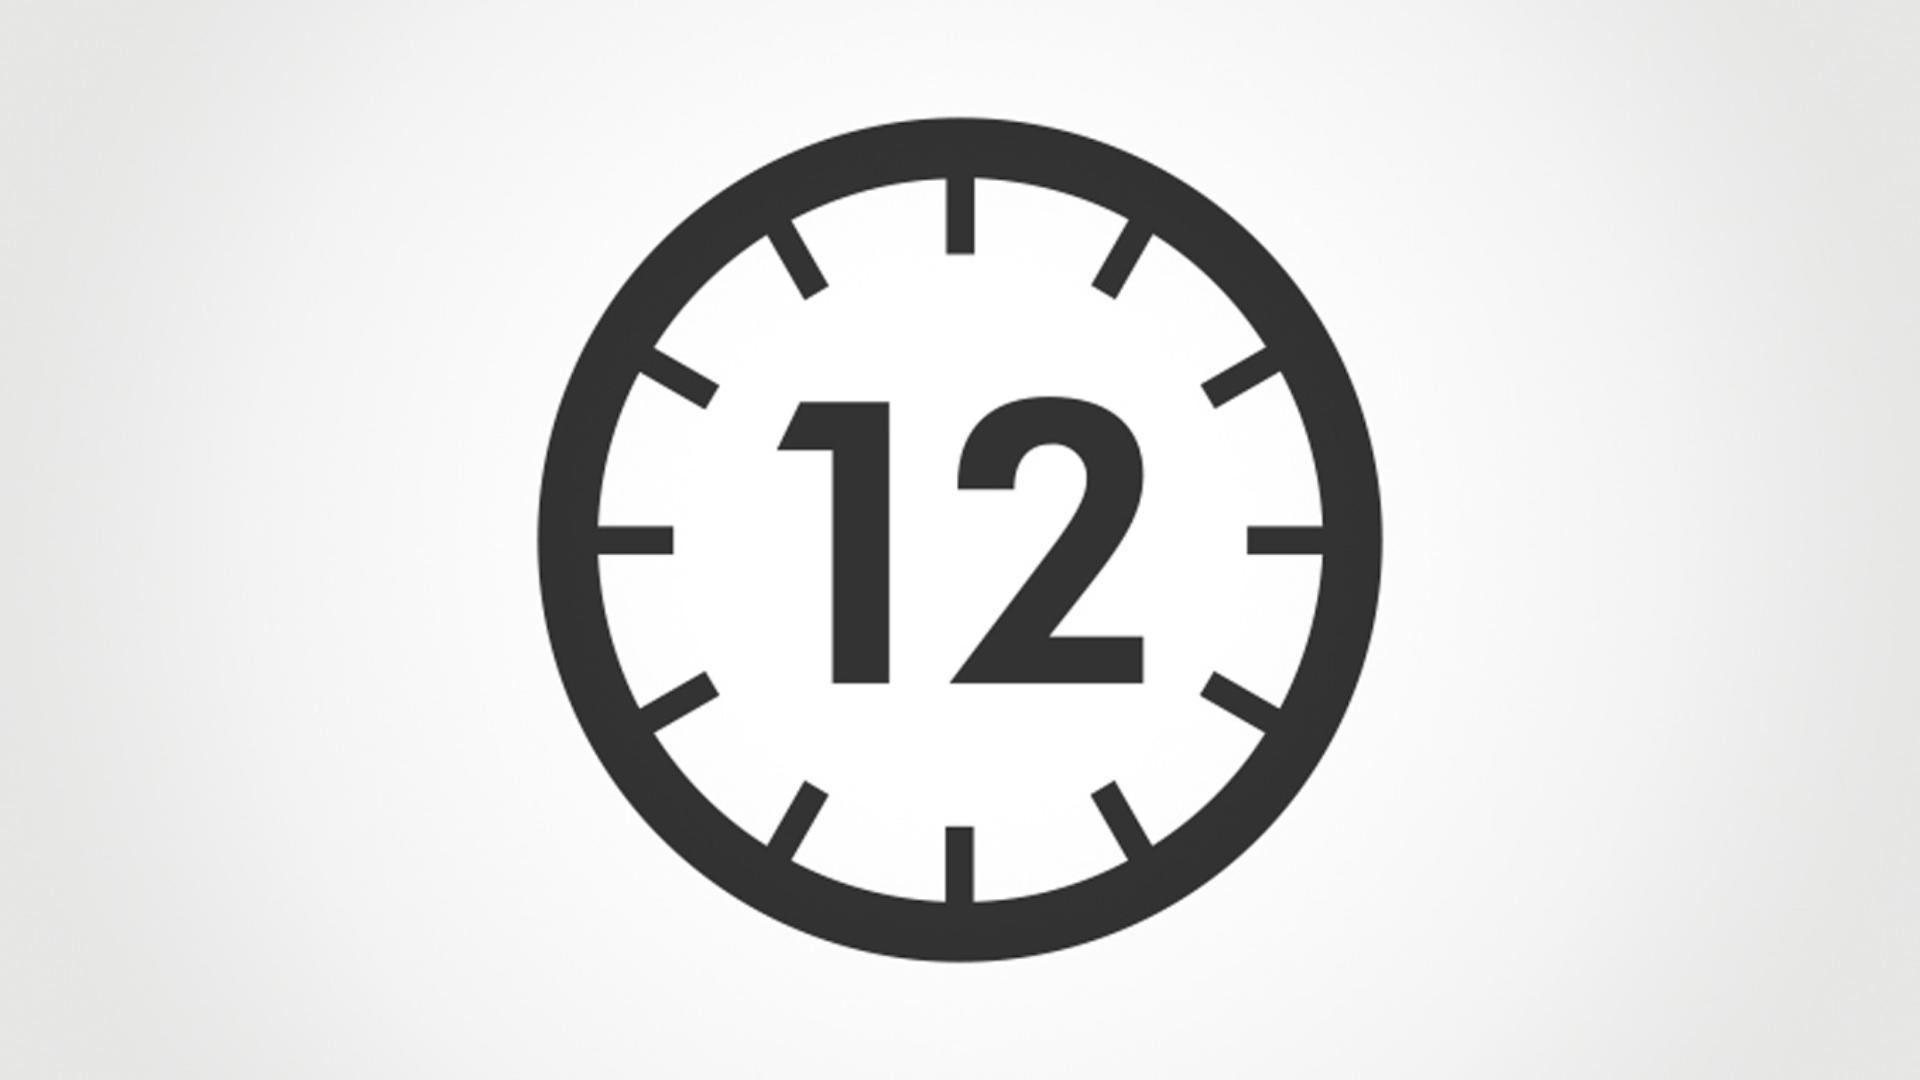 סמל 12 שניות